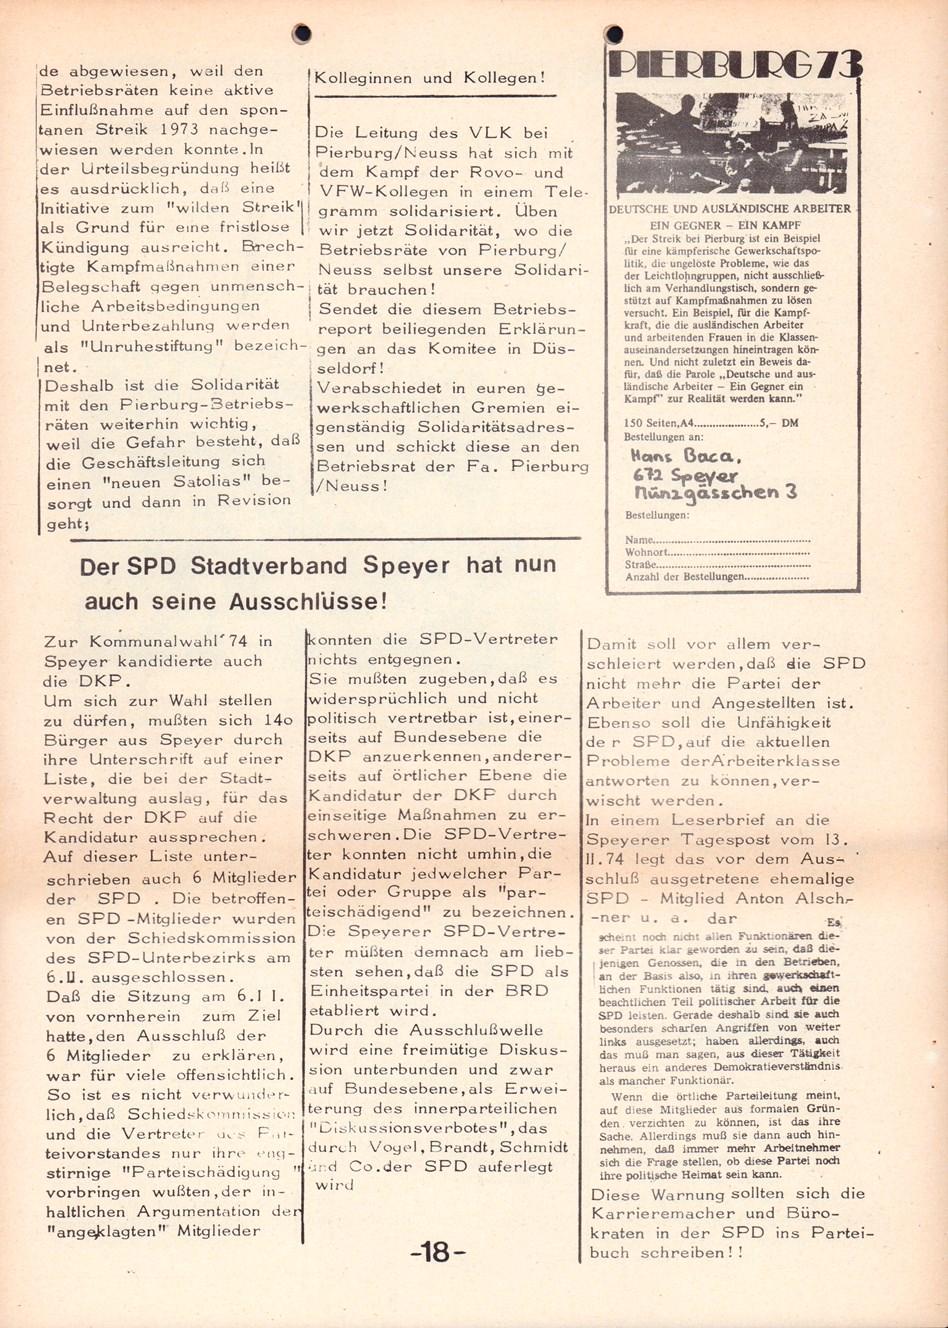 Speyer_GIM485